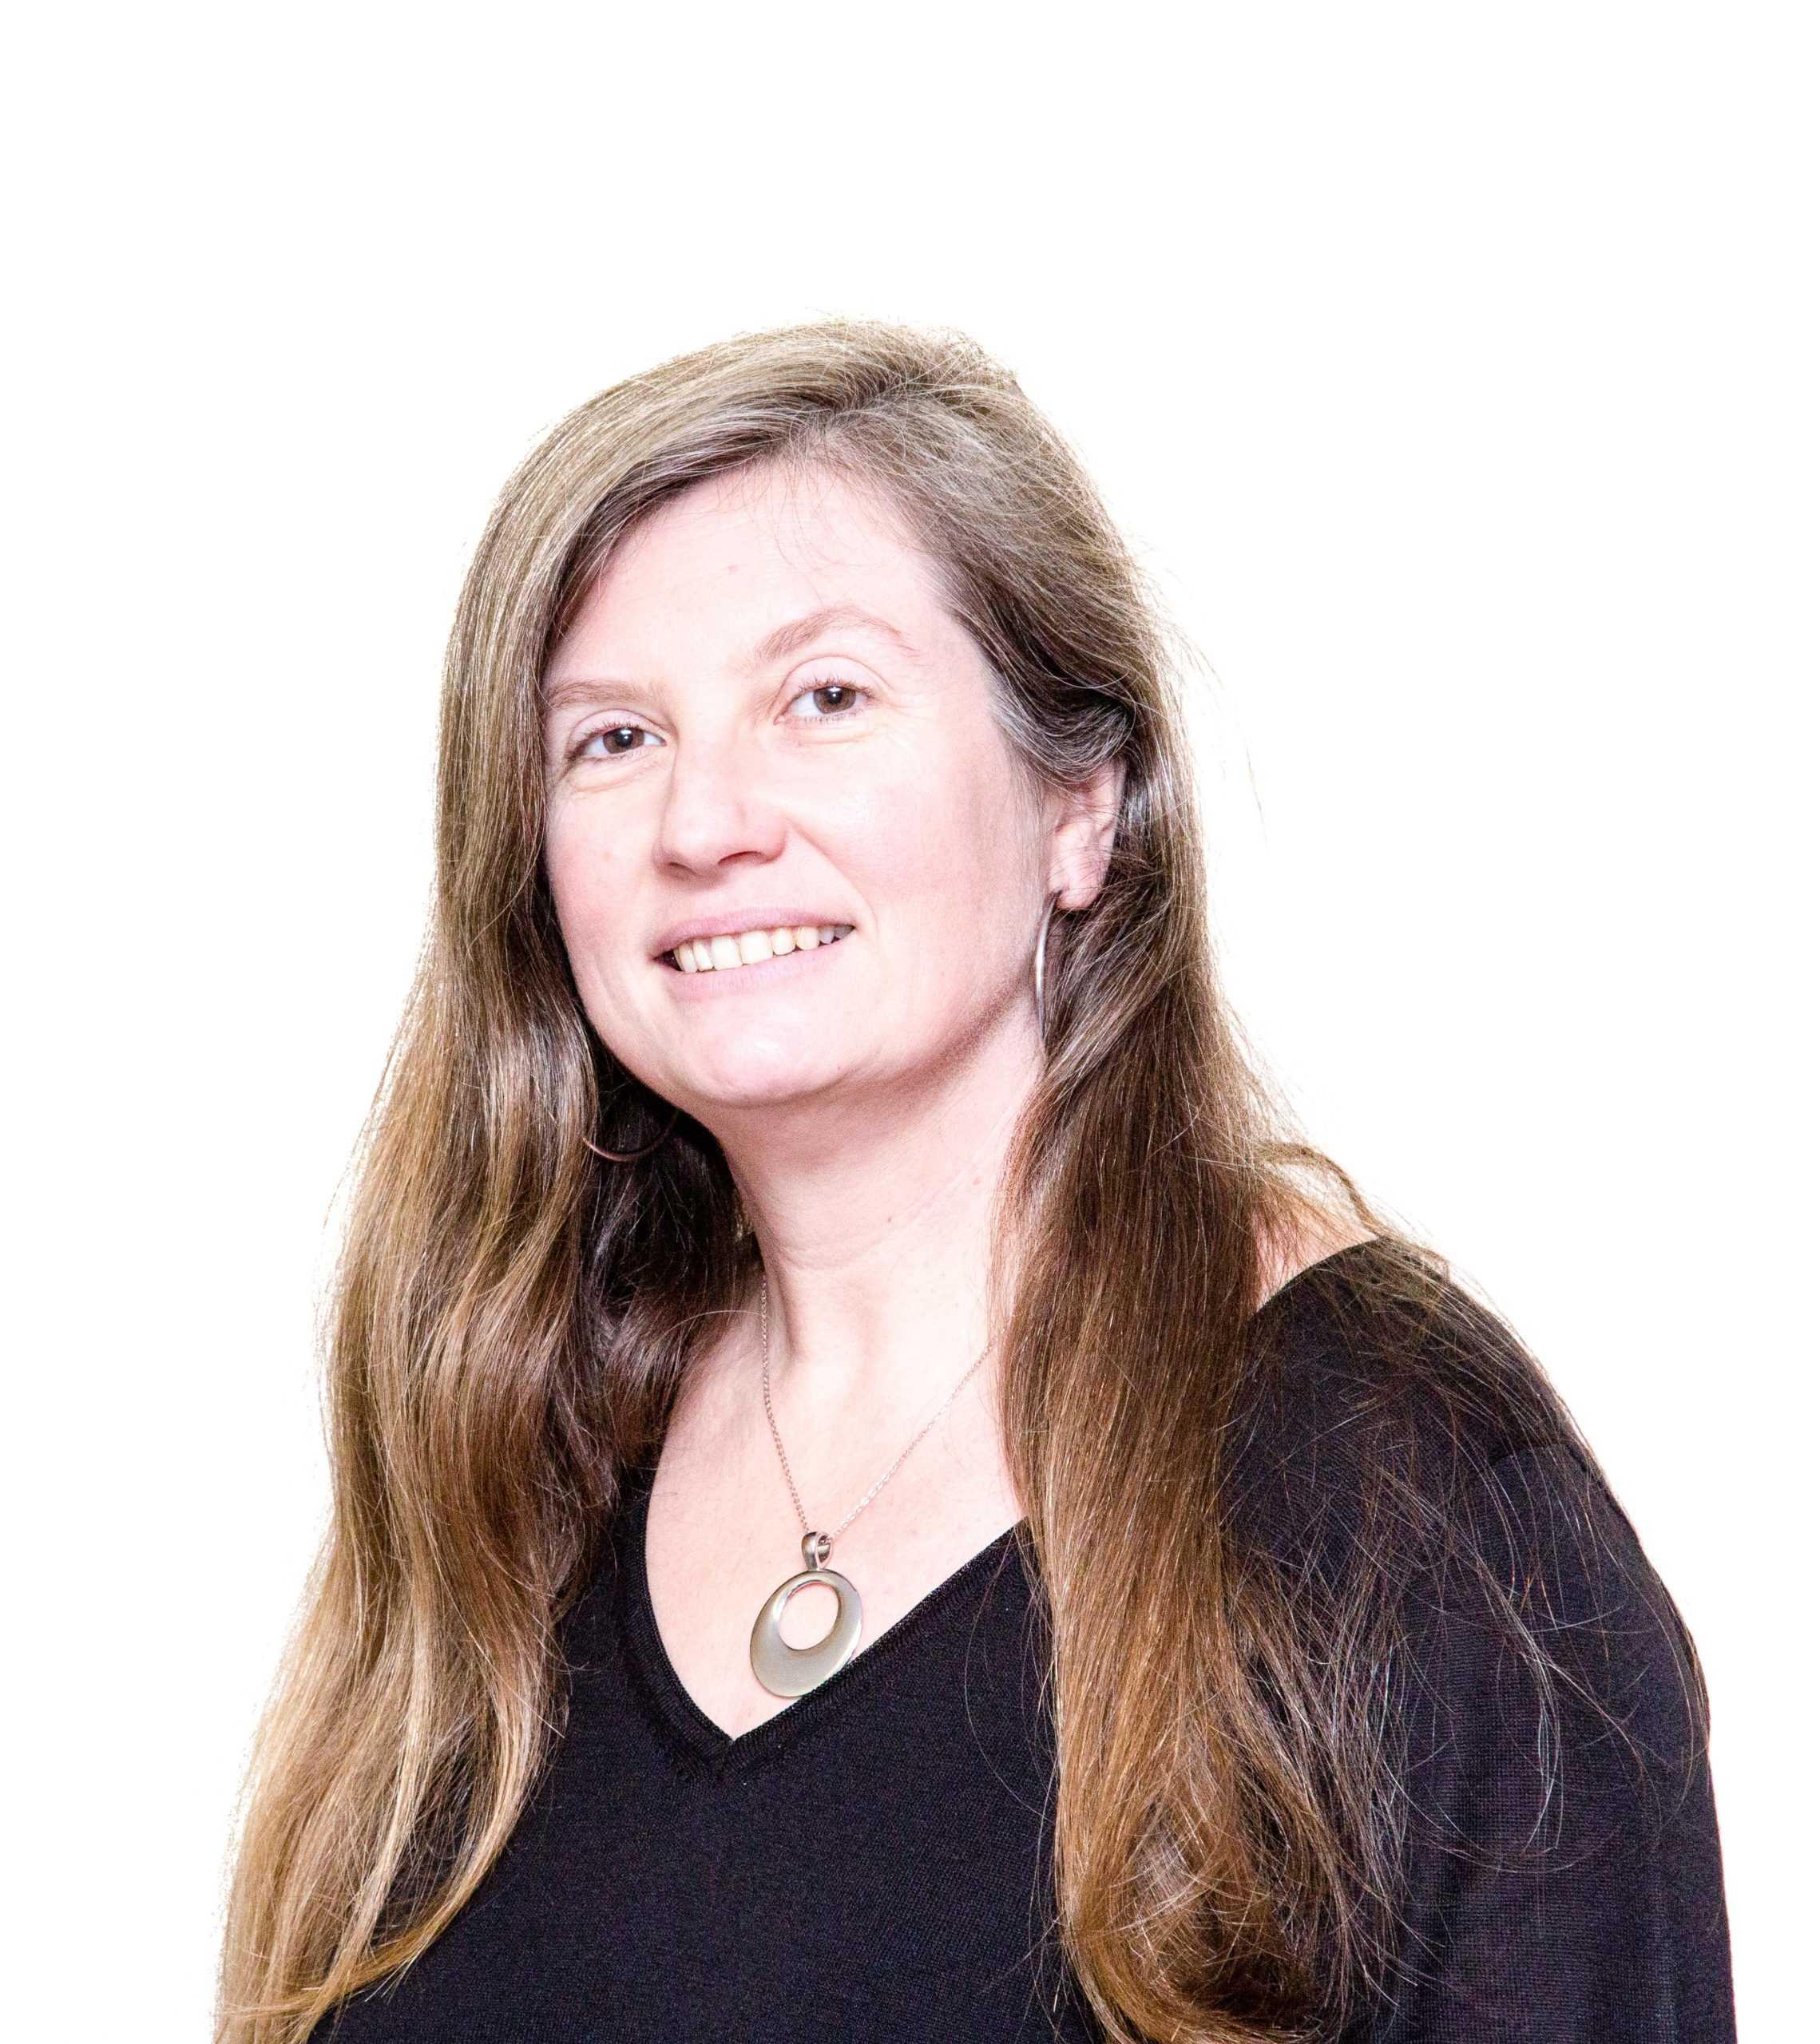 Portrait de Nathalie Chauvin